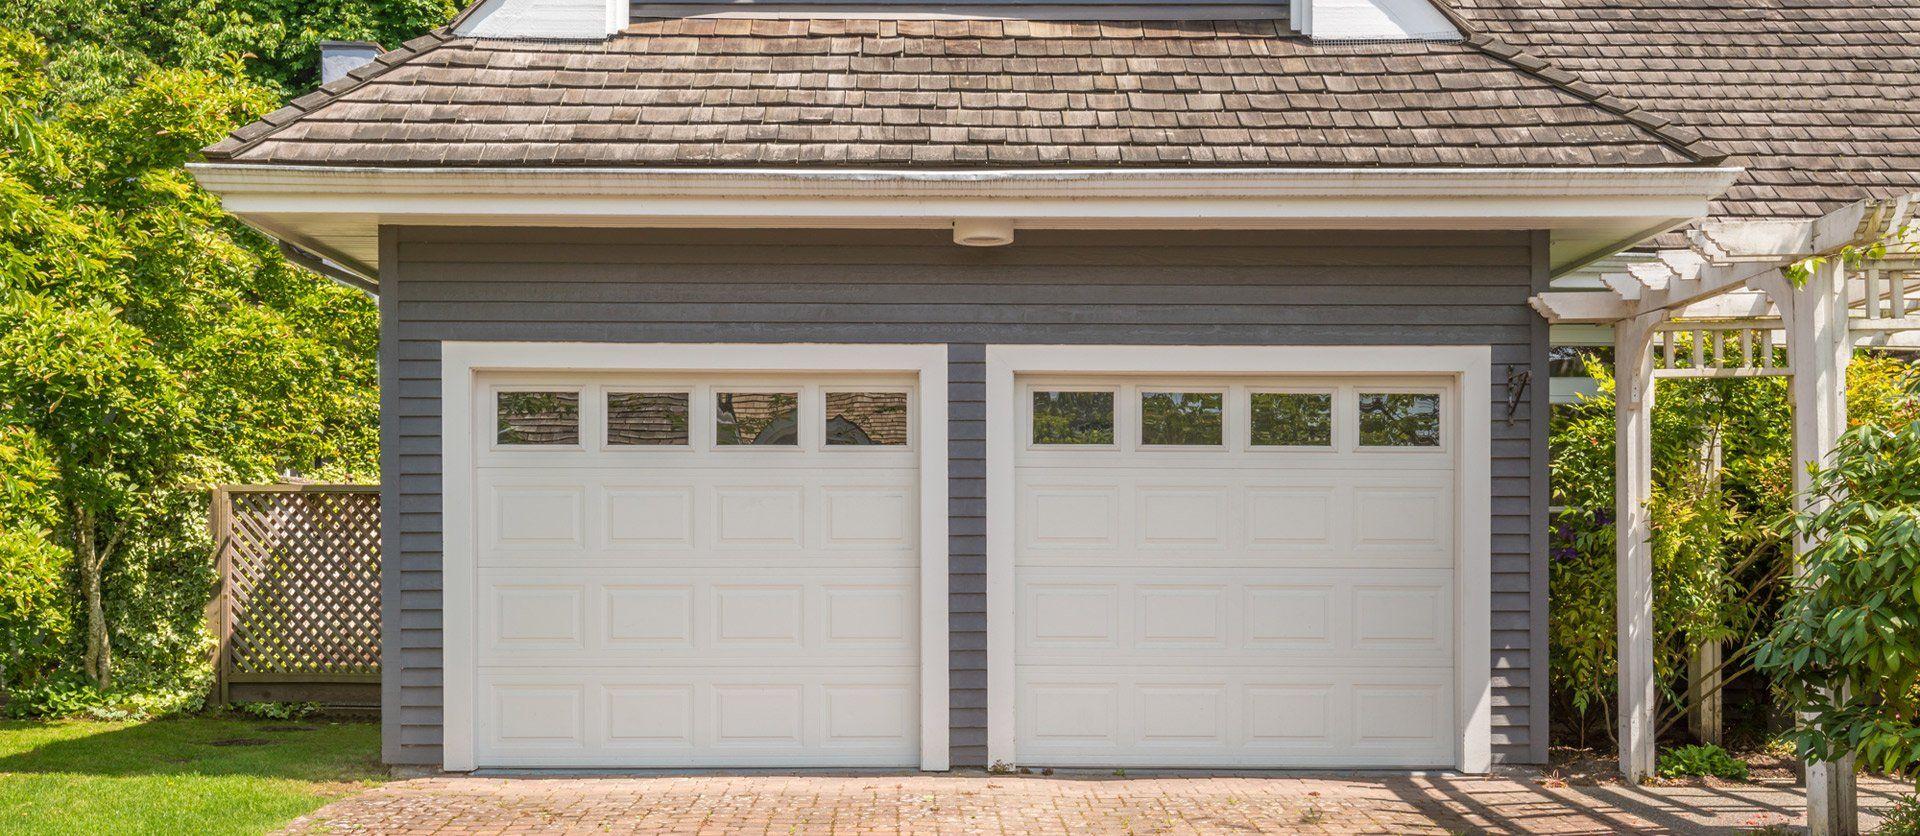 Pin By Garage Doors On Garage Door Repair Company Garage Door Installation Garage Door Repair Garage Door Company